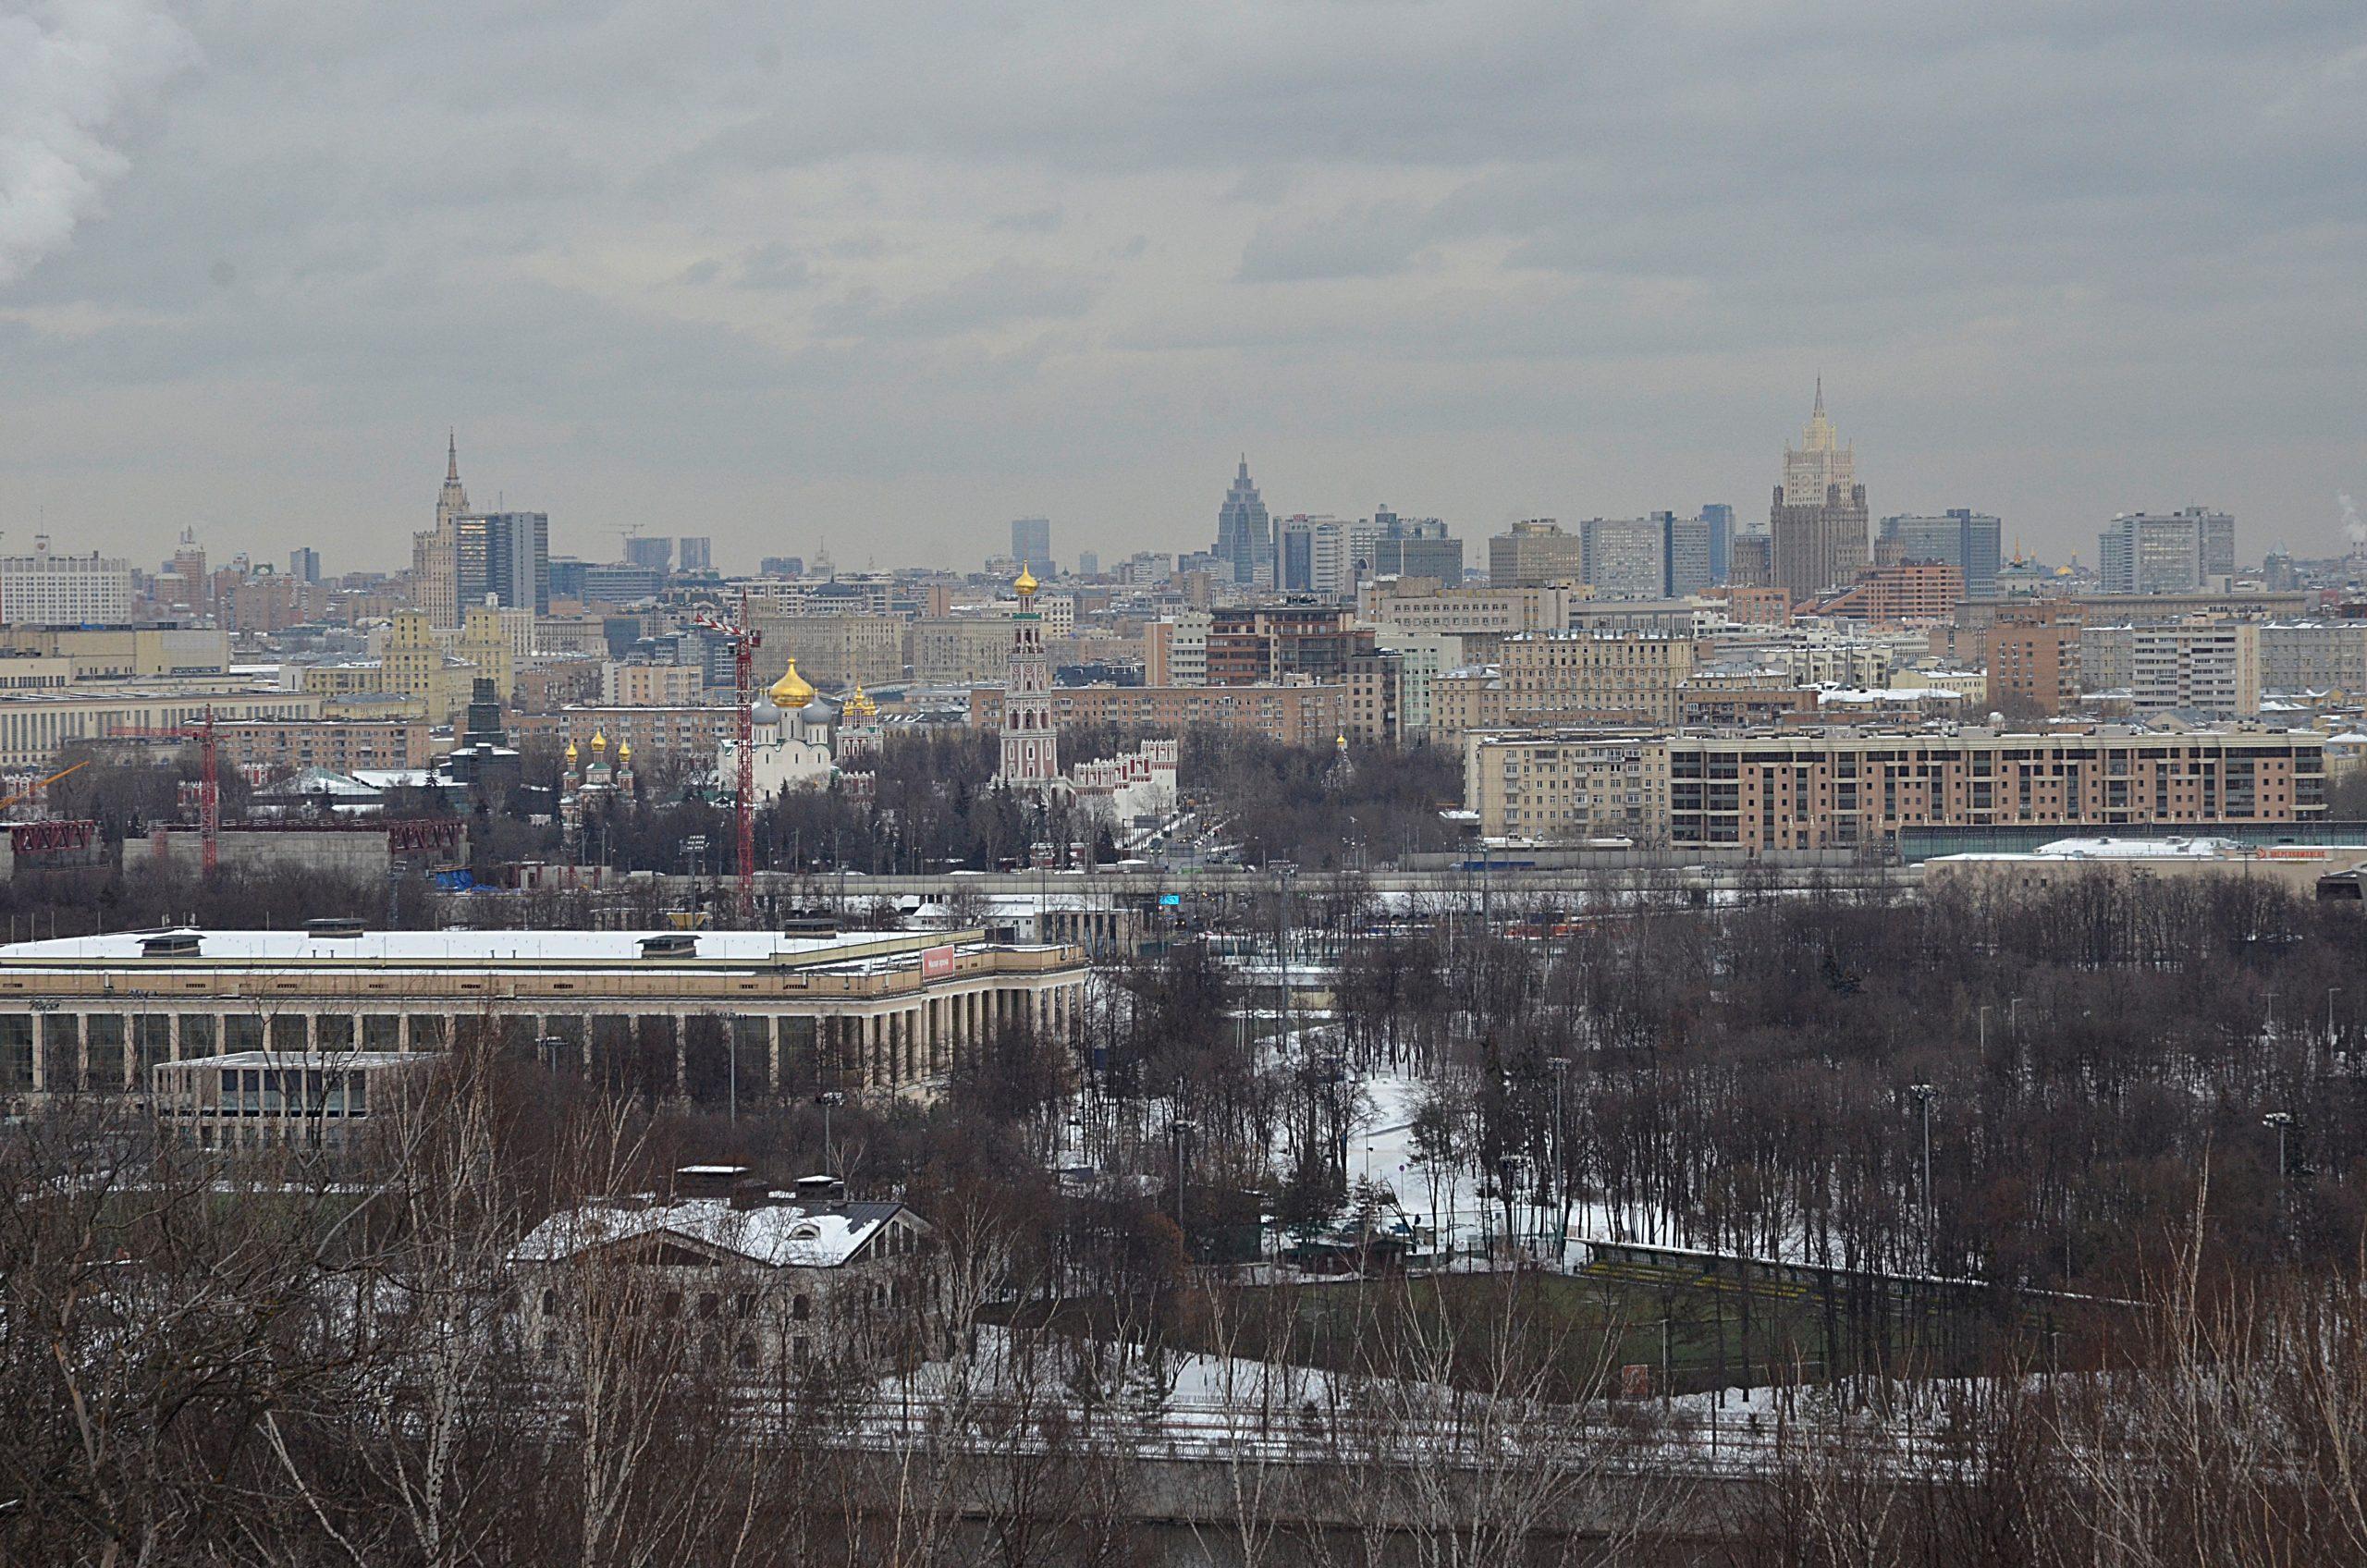 ОП Москвы: Вопрос установки памятника на Лубянке требует широкого обсуждения. Фото: Анна Быкова